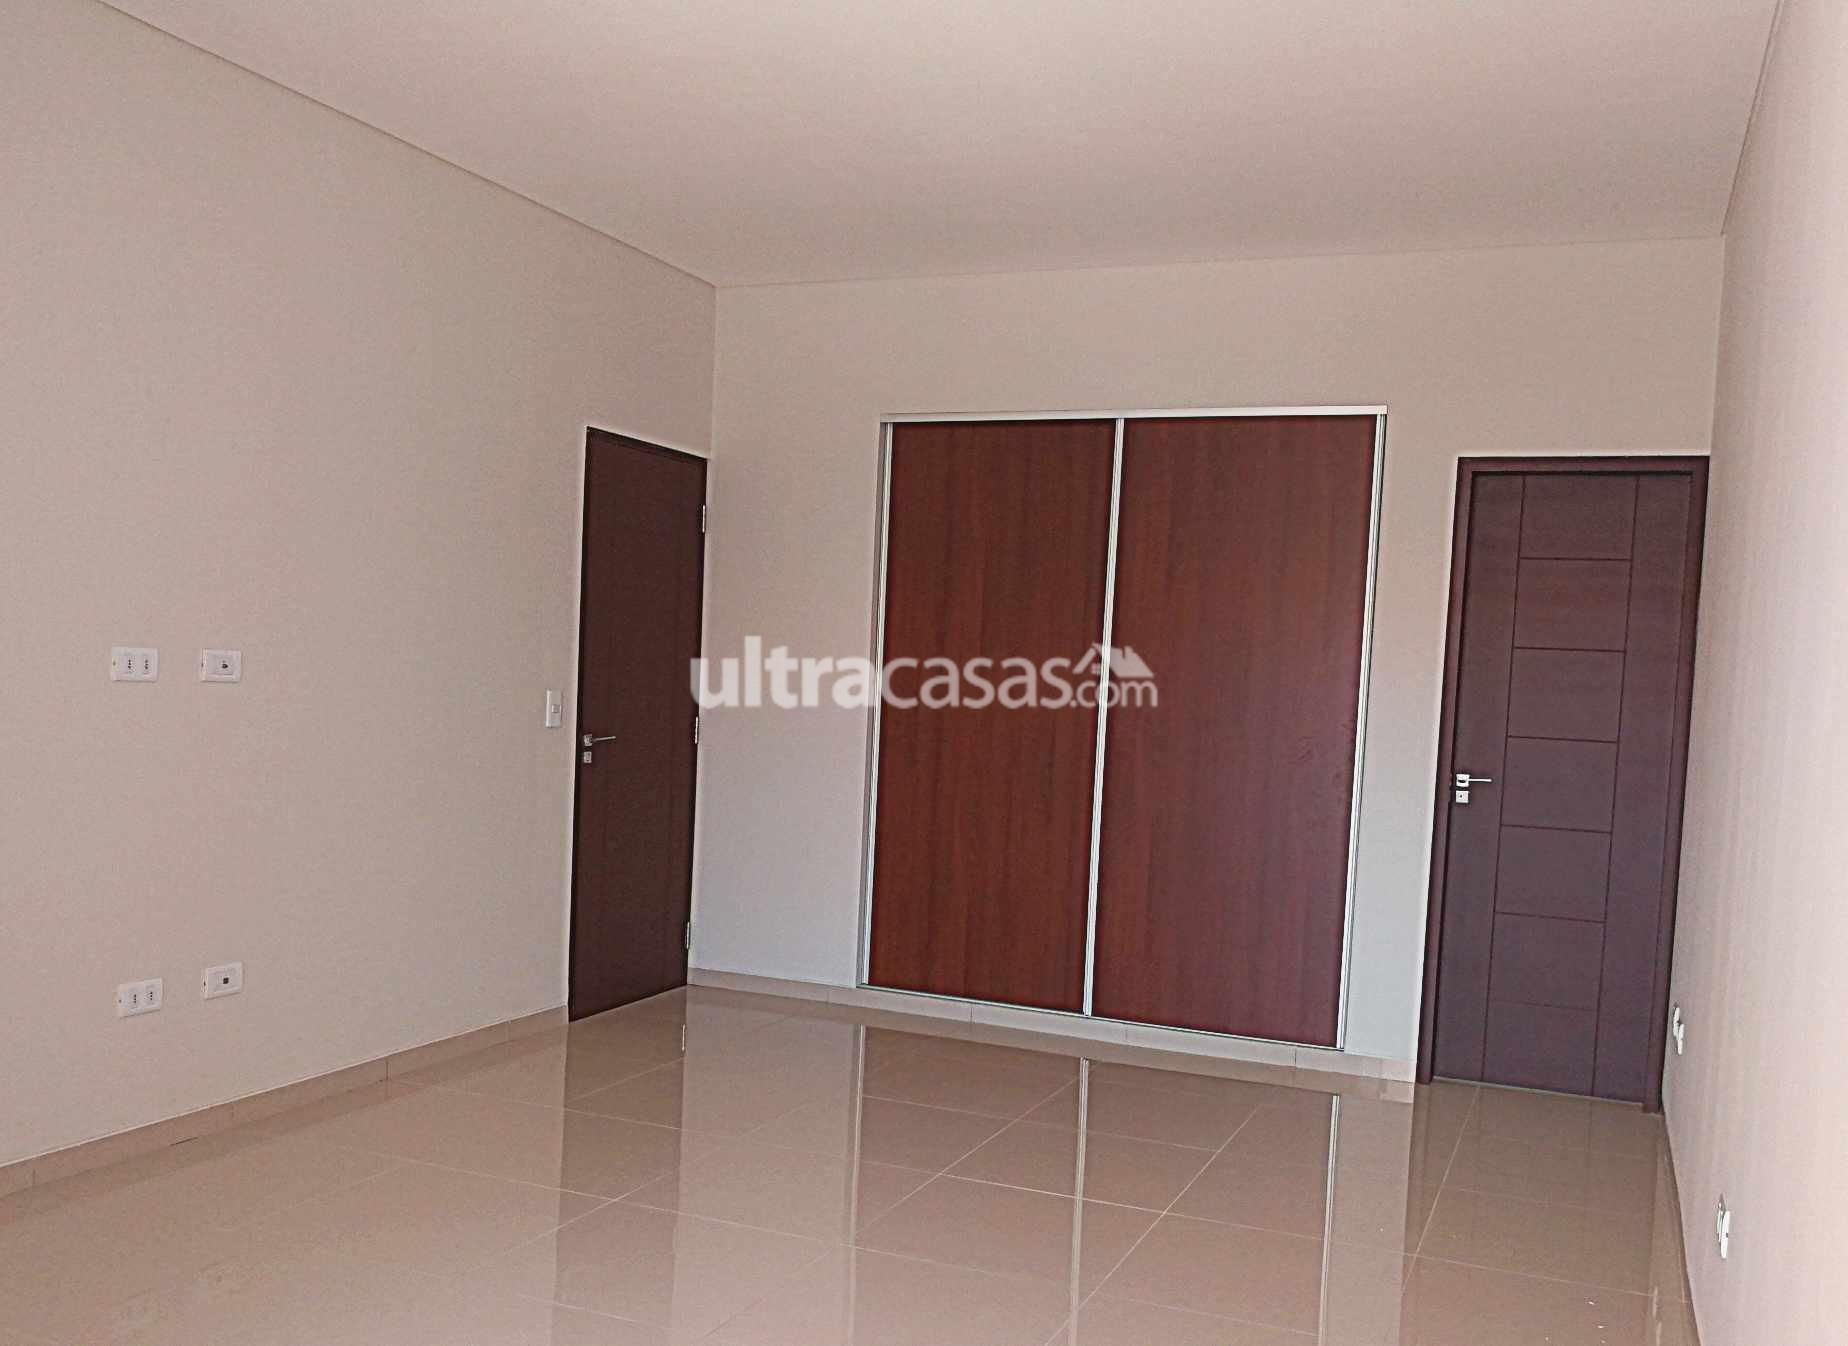 Casa en Anticretico Av. Beni 8vo. Anillo Foto 13